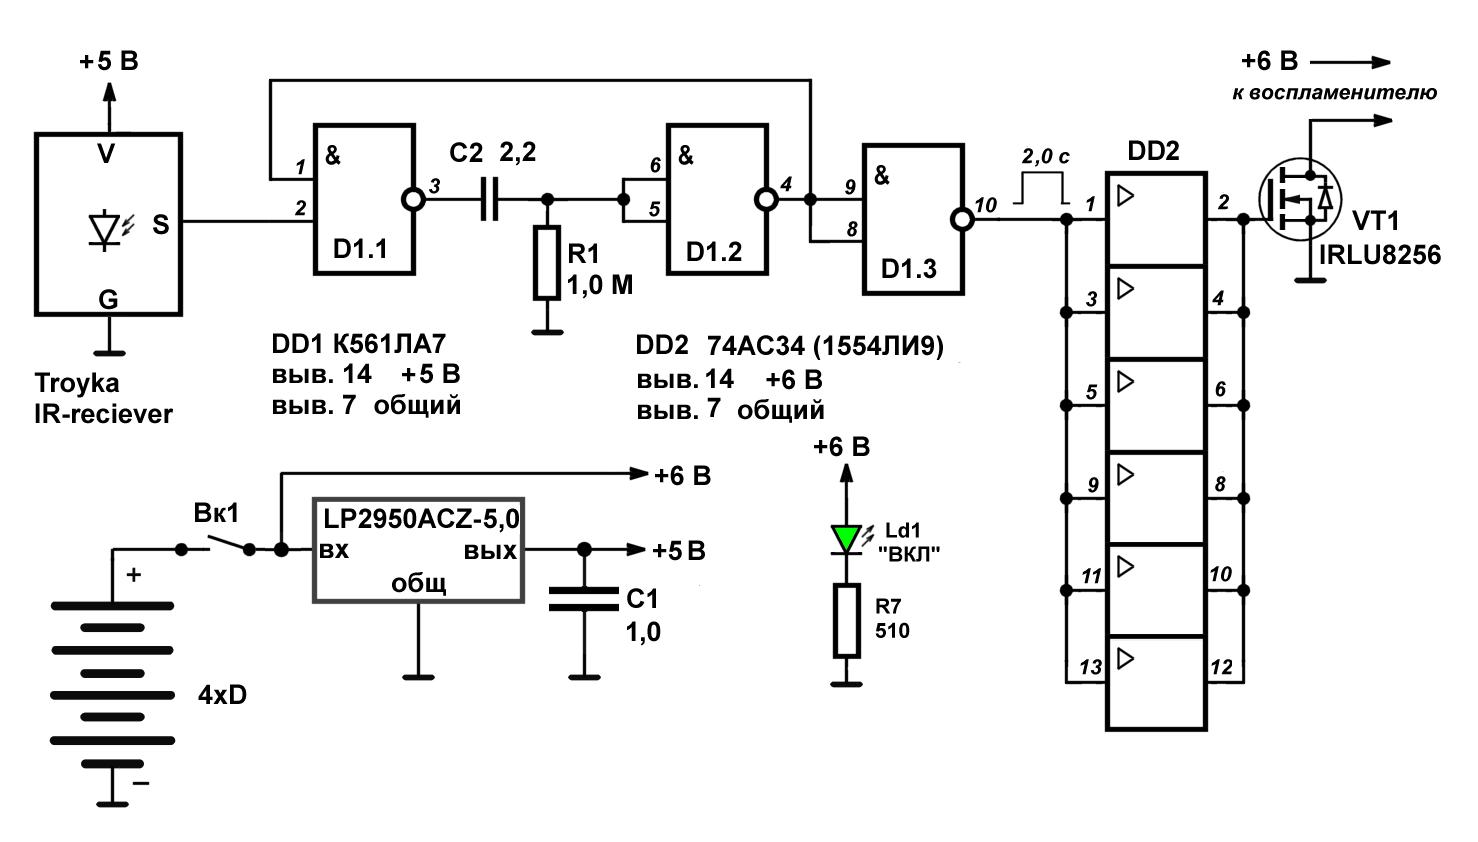 Простая схема дистанционного управления 151